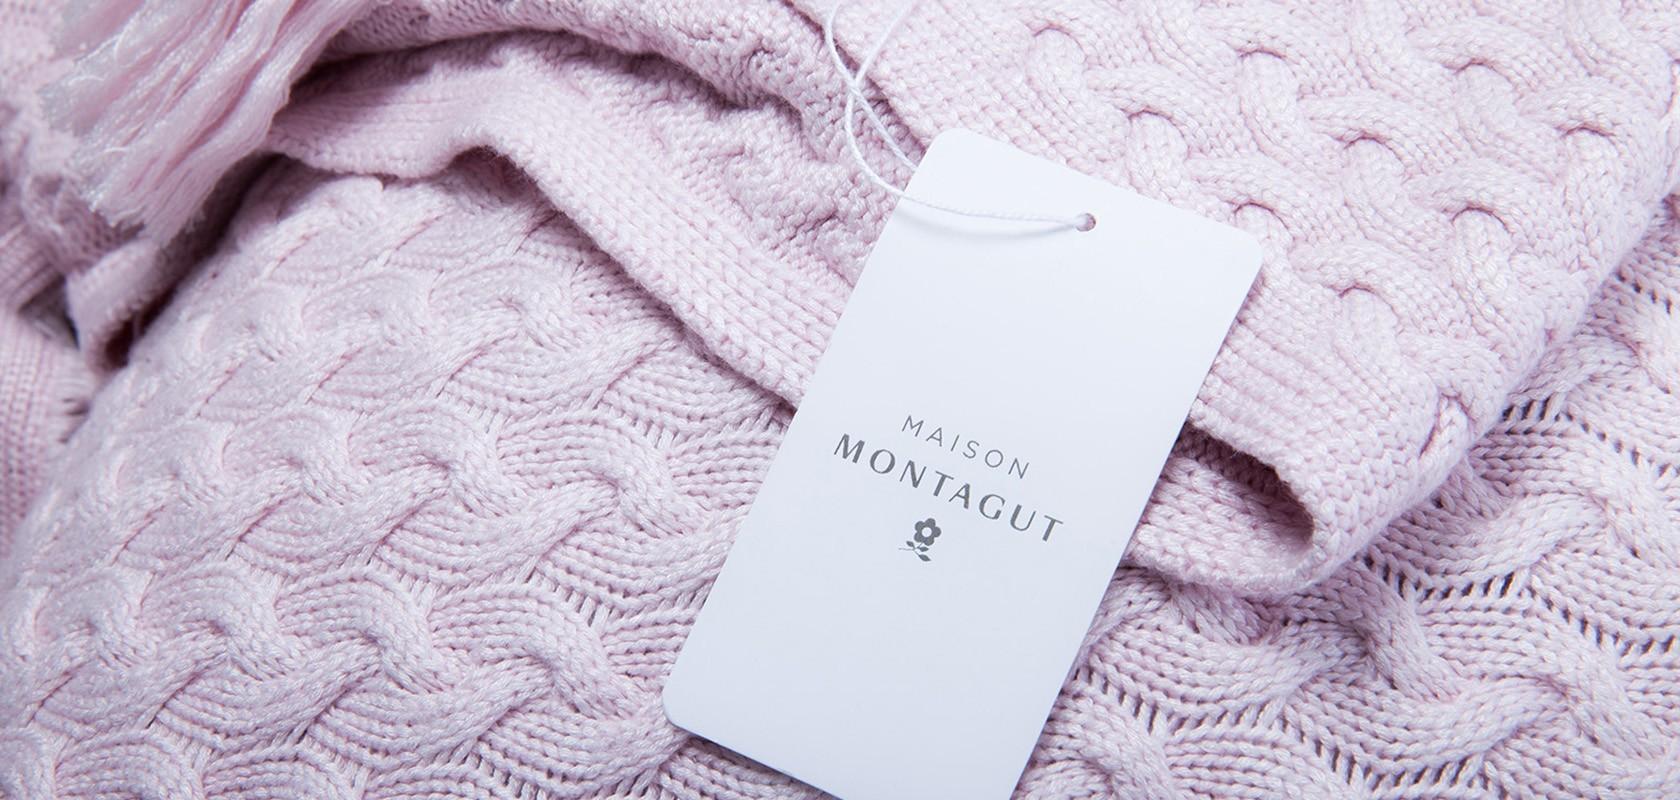 vêtements outlet femme Maison Montagut